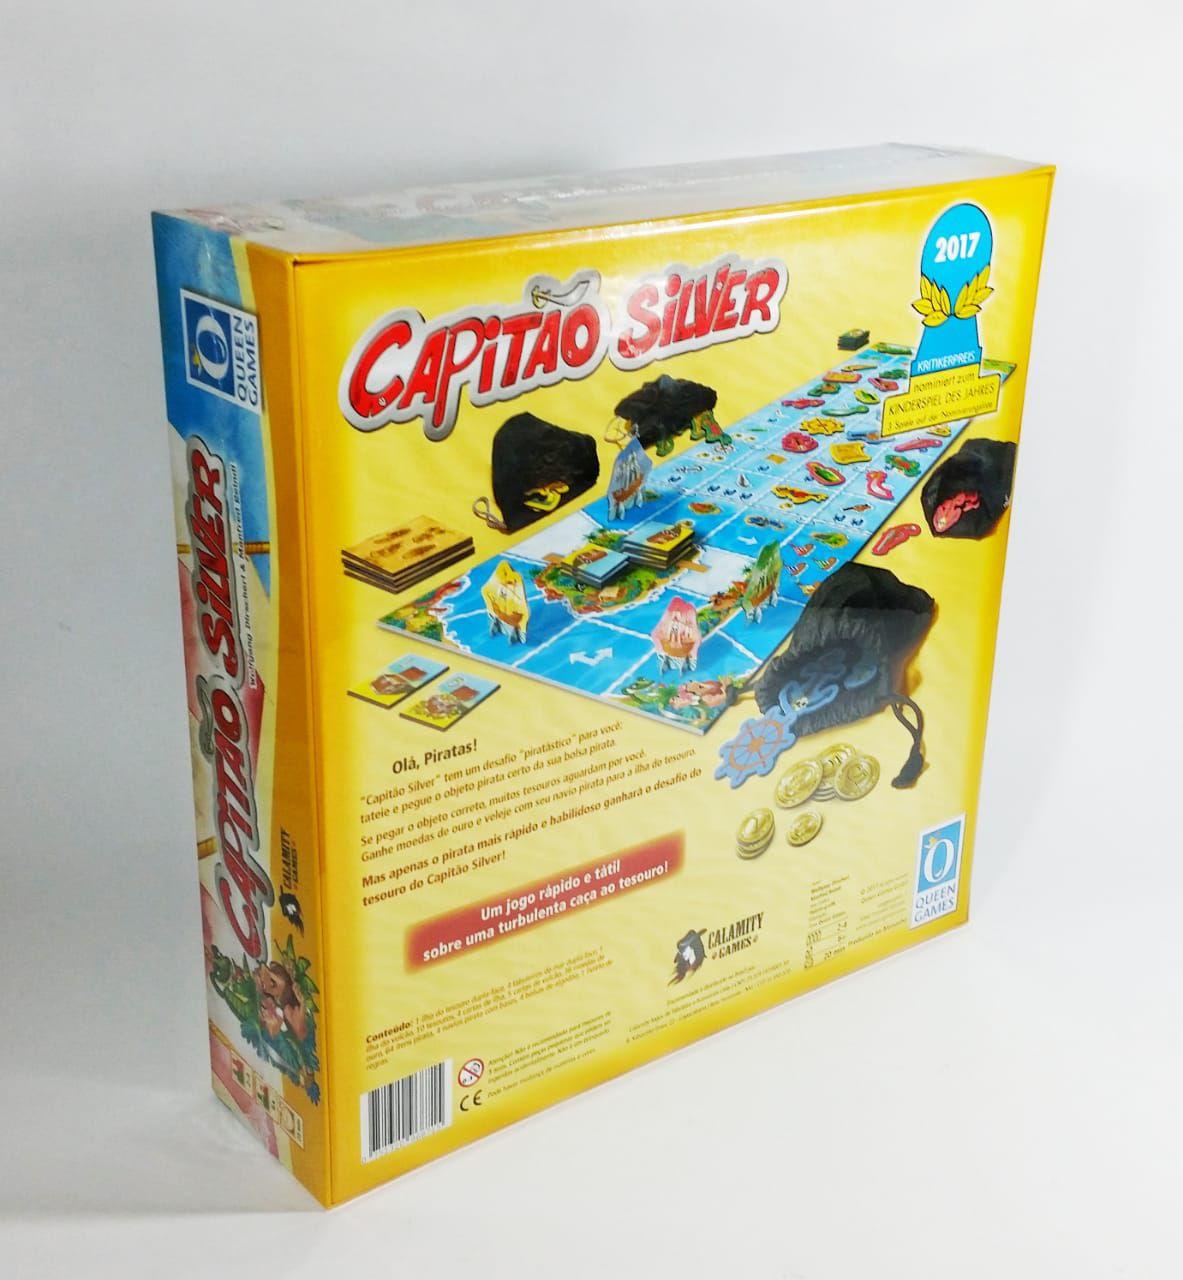 Capitão Silver Jogo de Tabuleiro Calamity Games  - Place Games